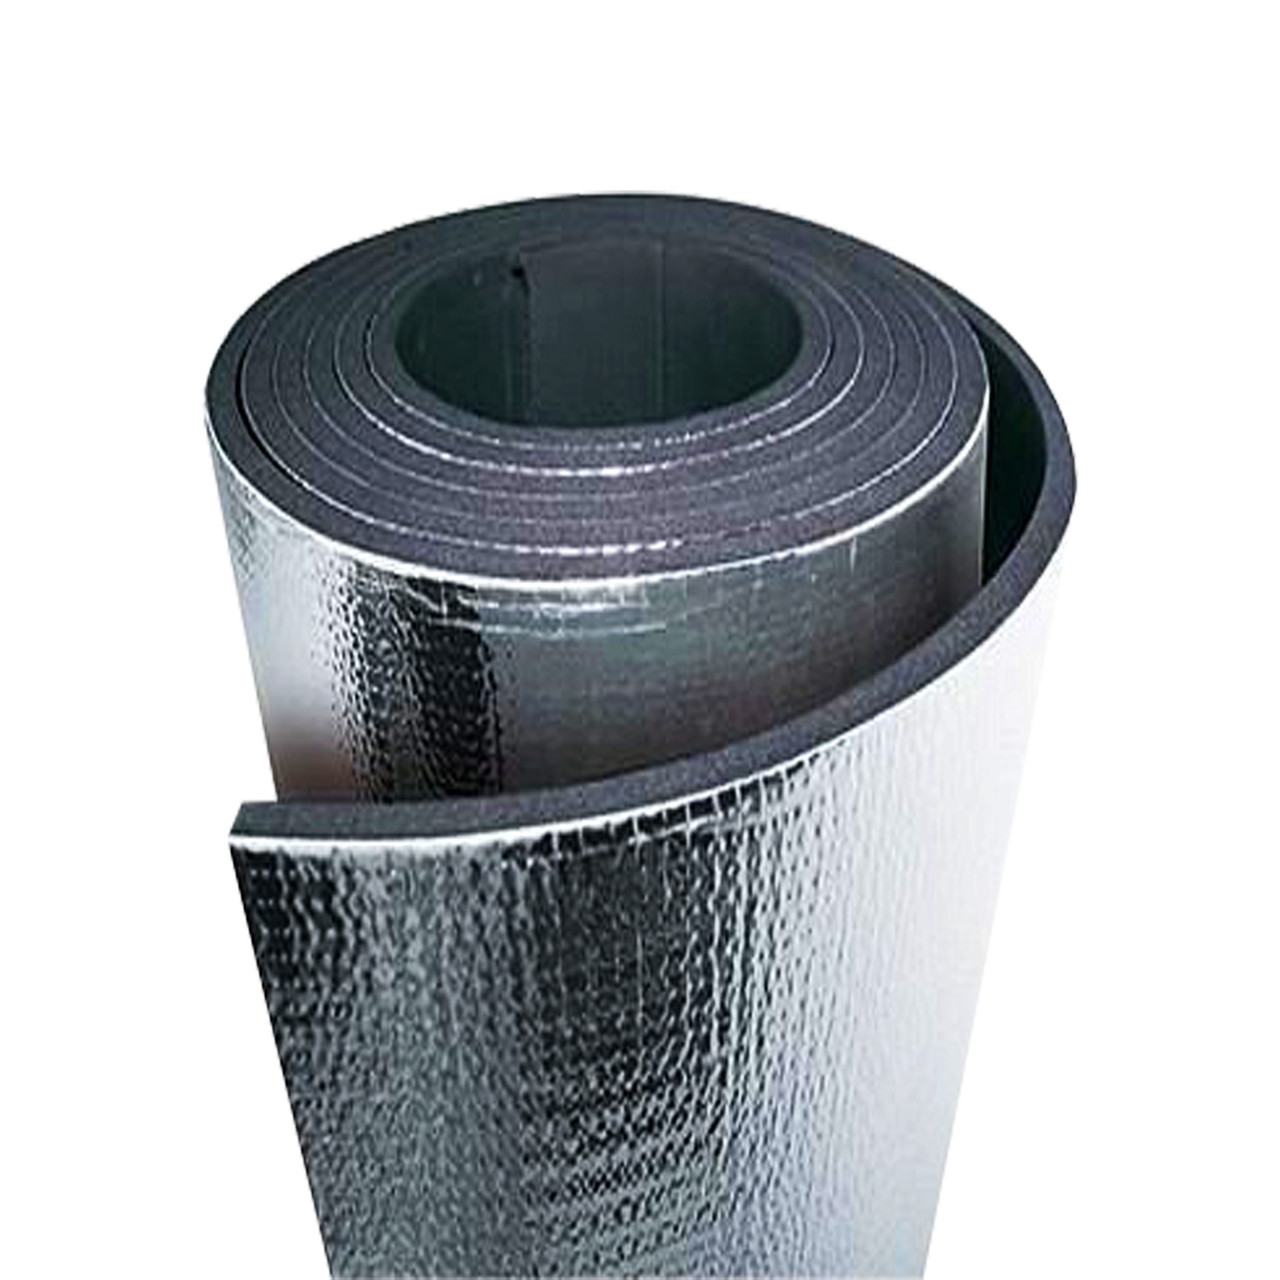 Химически сшитый вспененный полиэтилен, самоклеящийся, фольгированный 3 мм